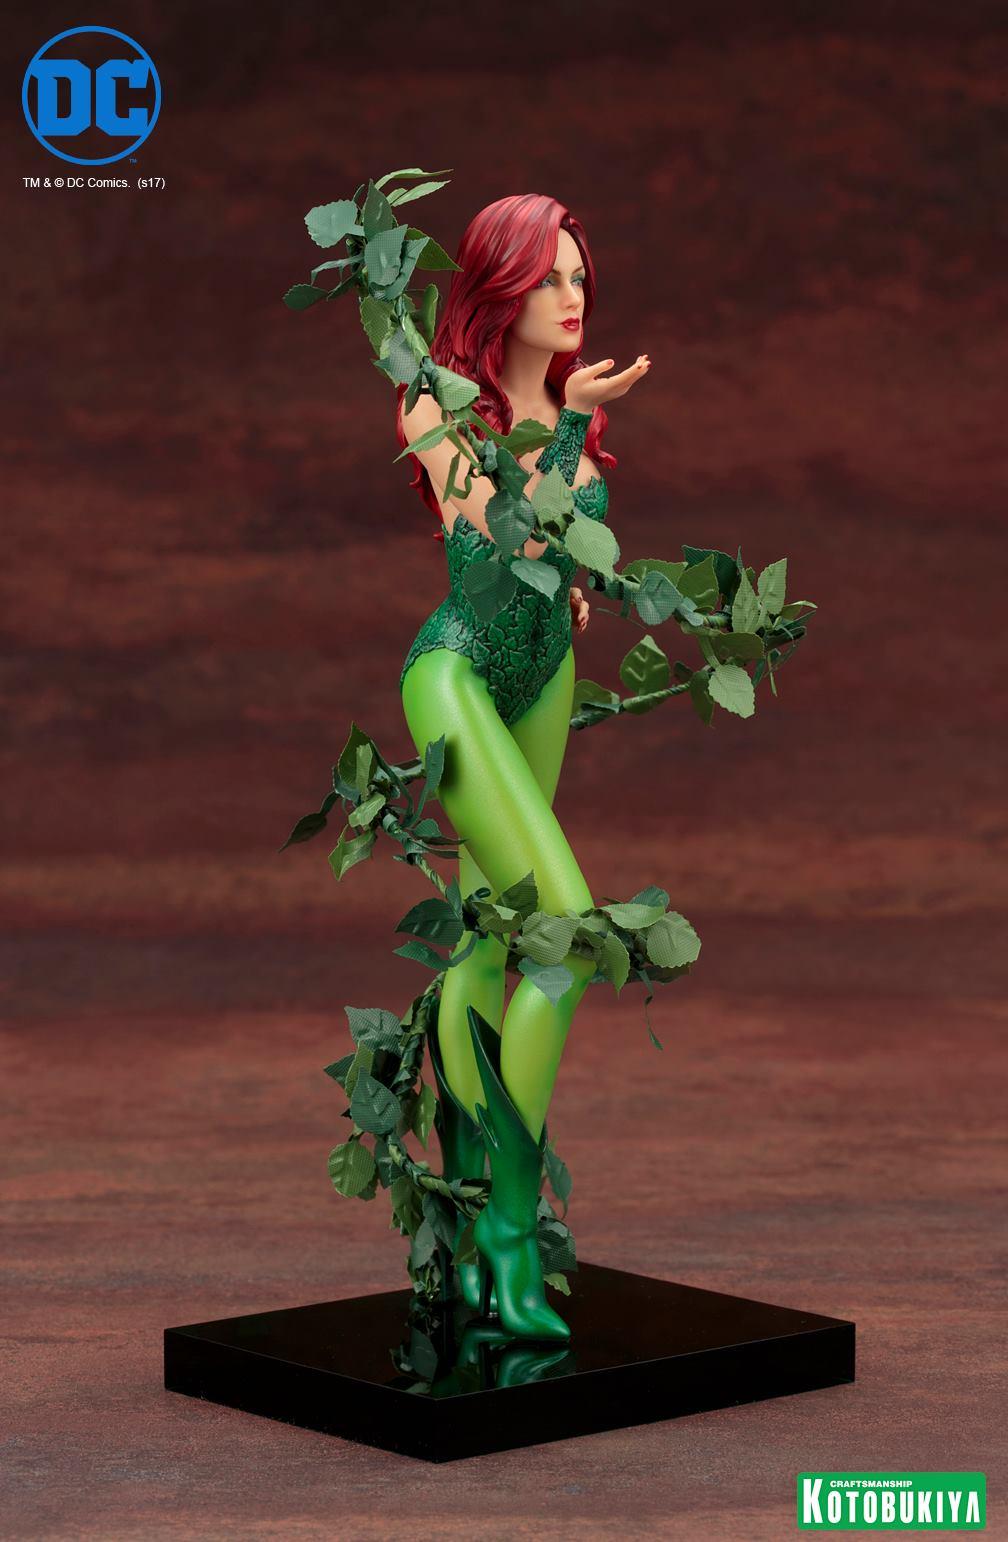 Kotobukiya-Artfx-Poison-Ivy-8 Figurine -  Poison Ivy par Kotobukiya (ArtFX)